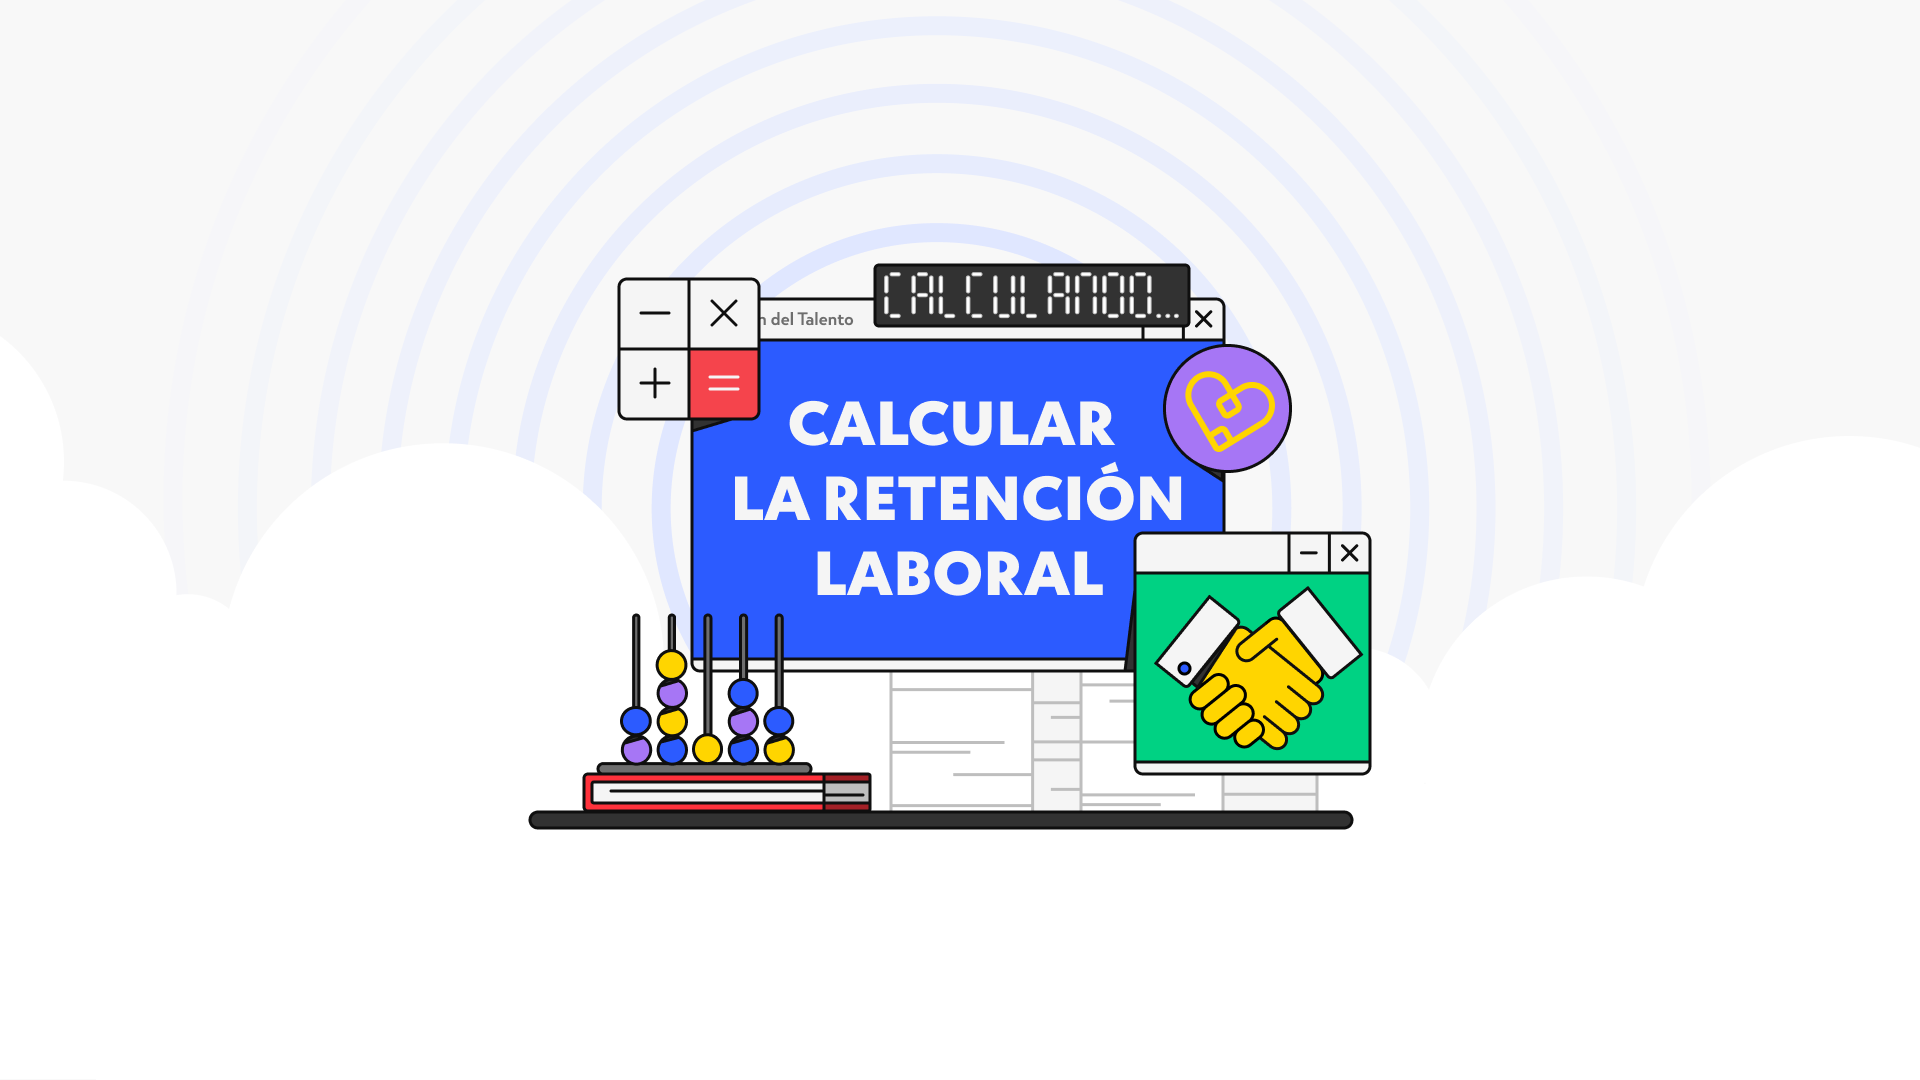 Calcular la retención laboral